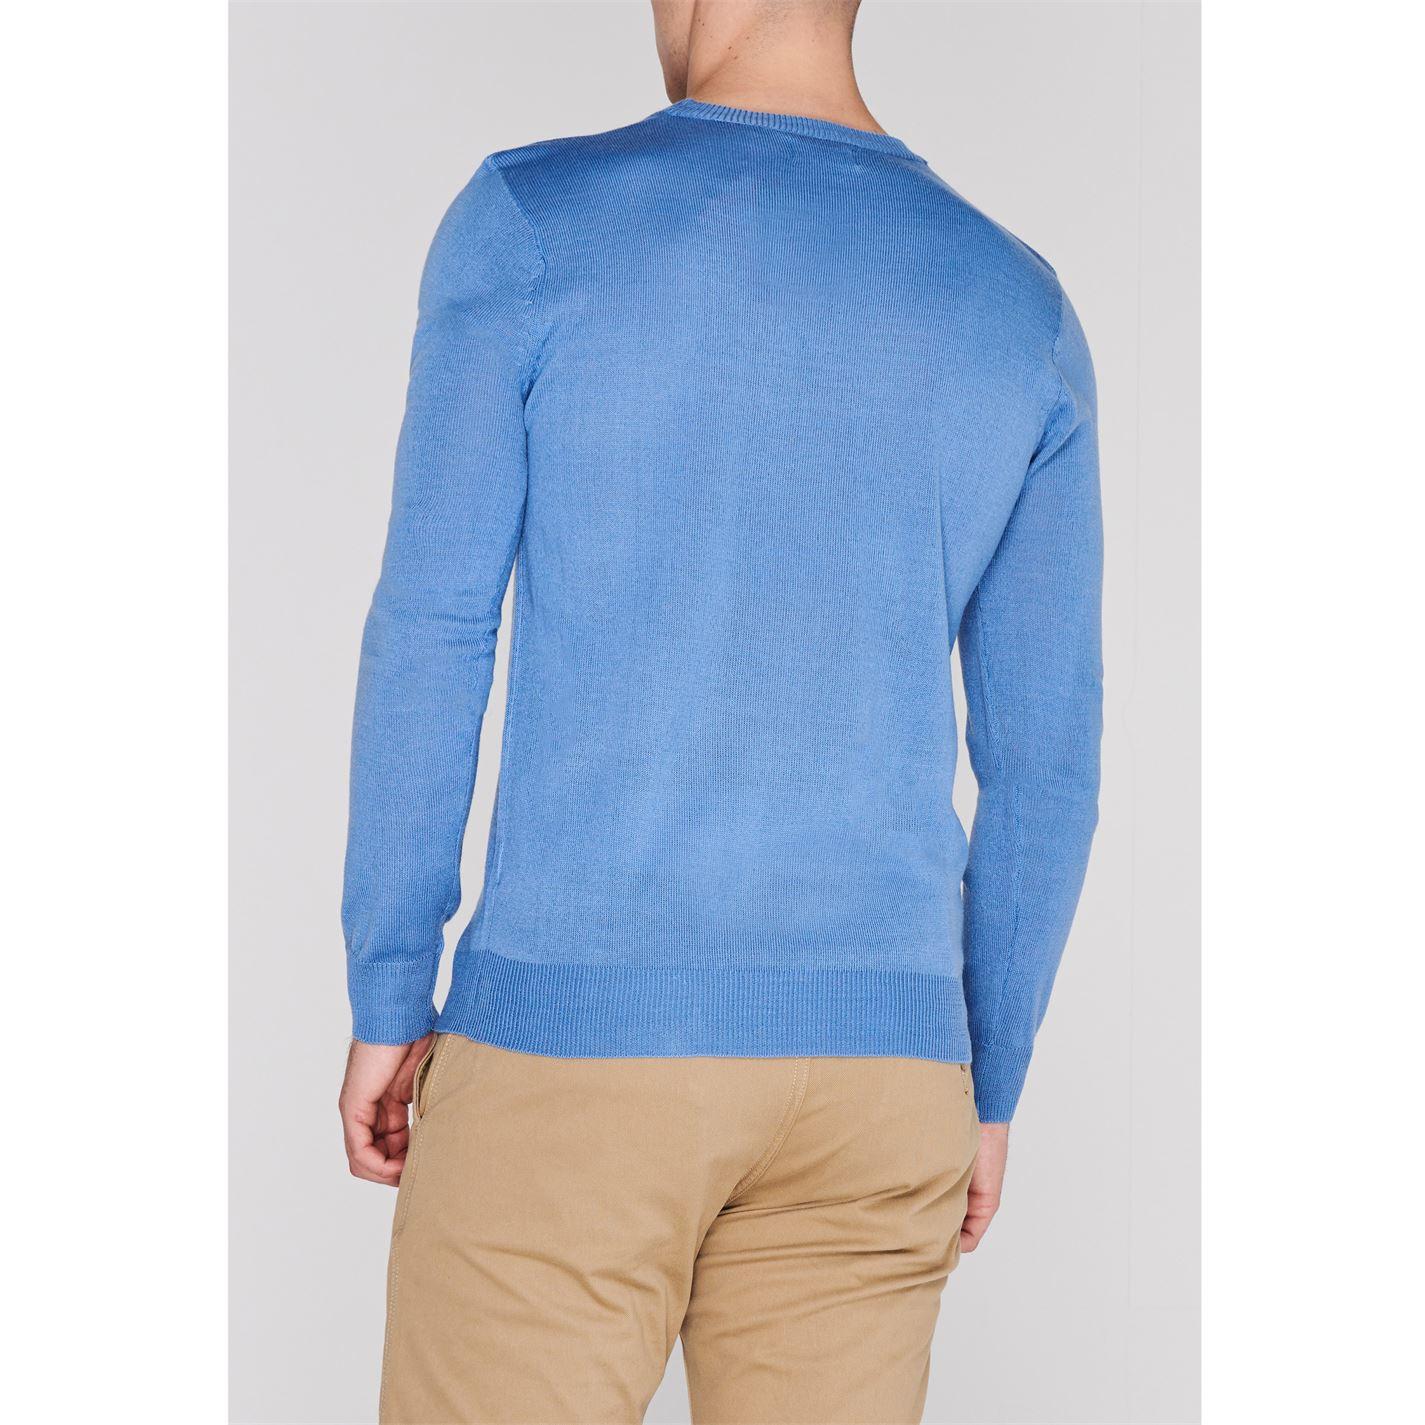 Men's sweater Pierre Cardin Jumper